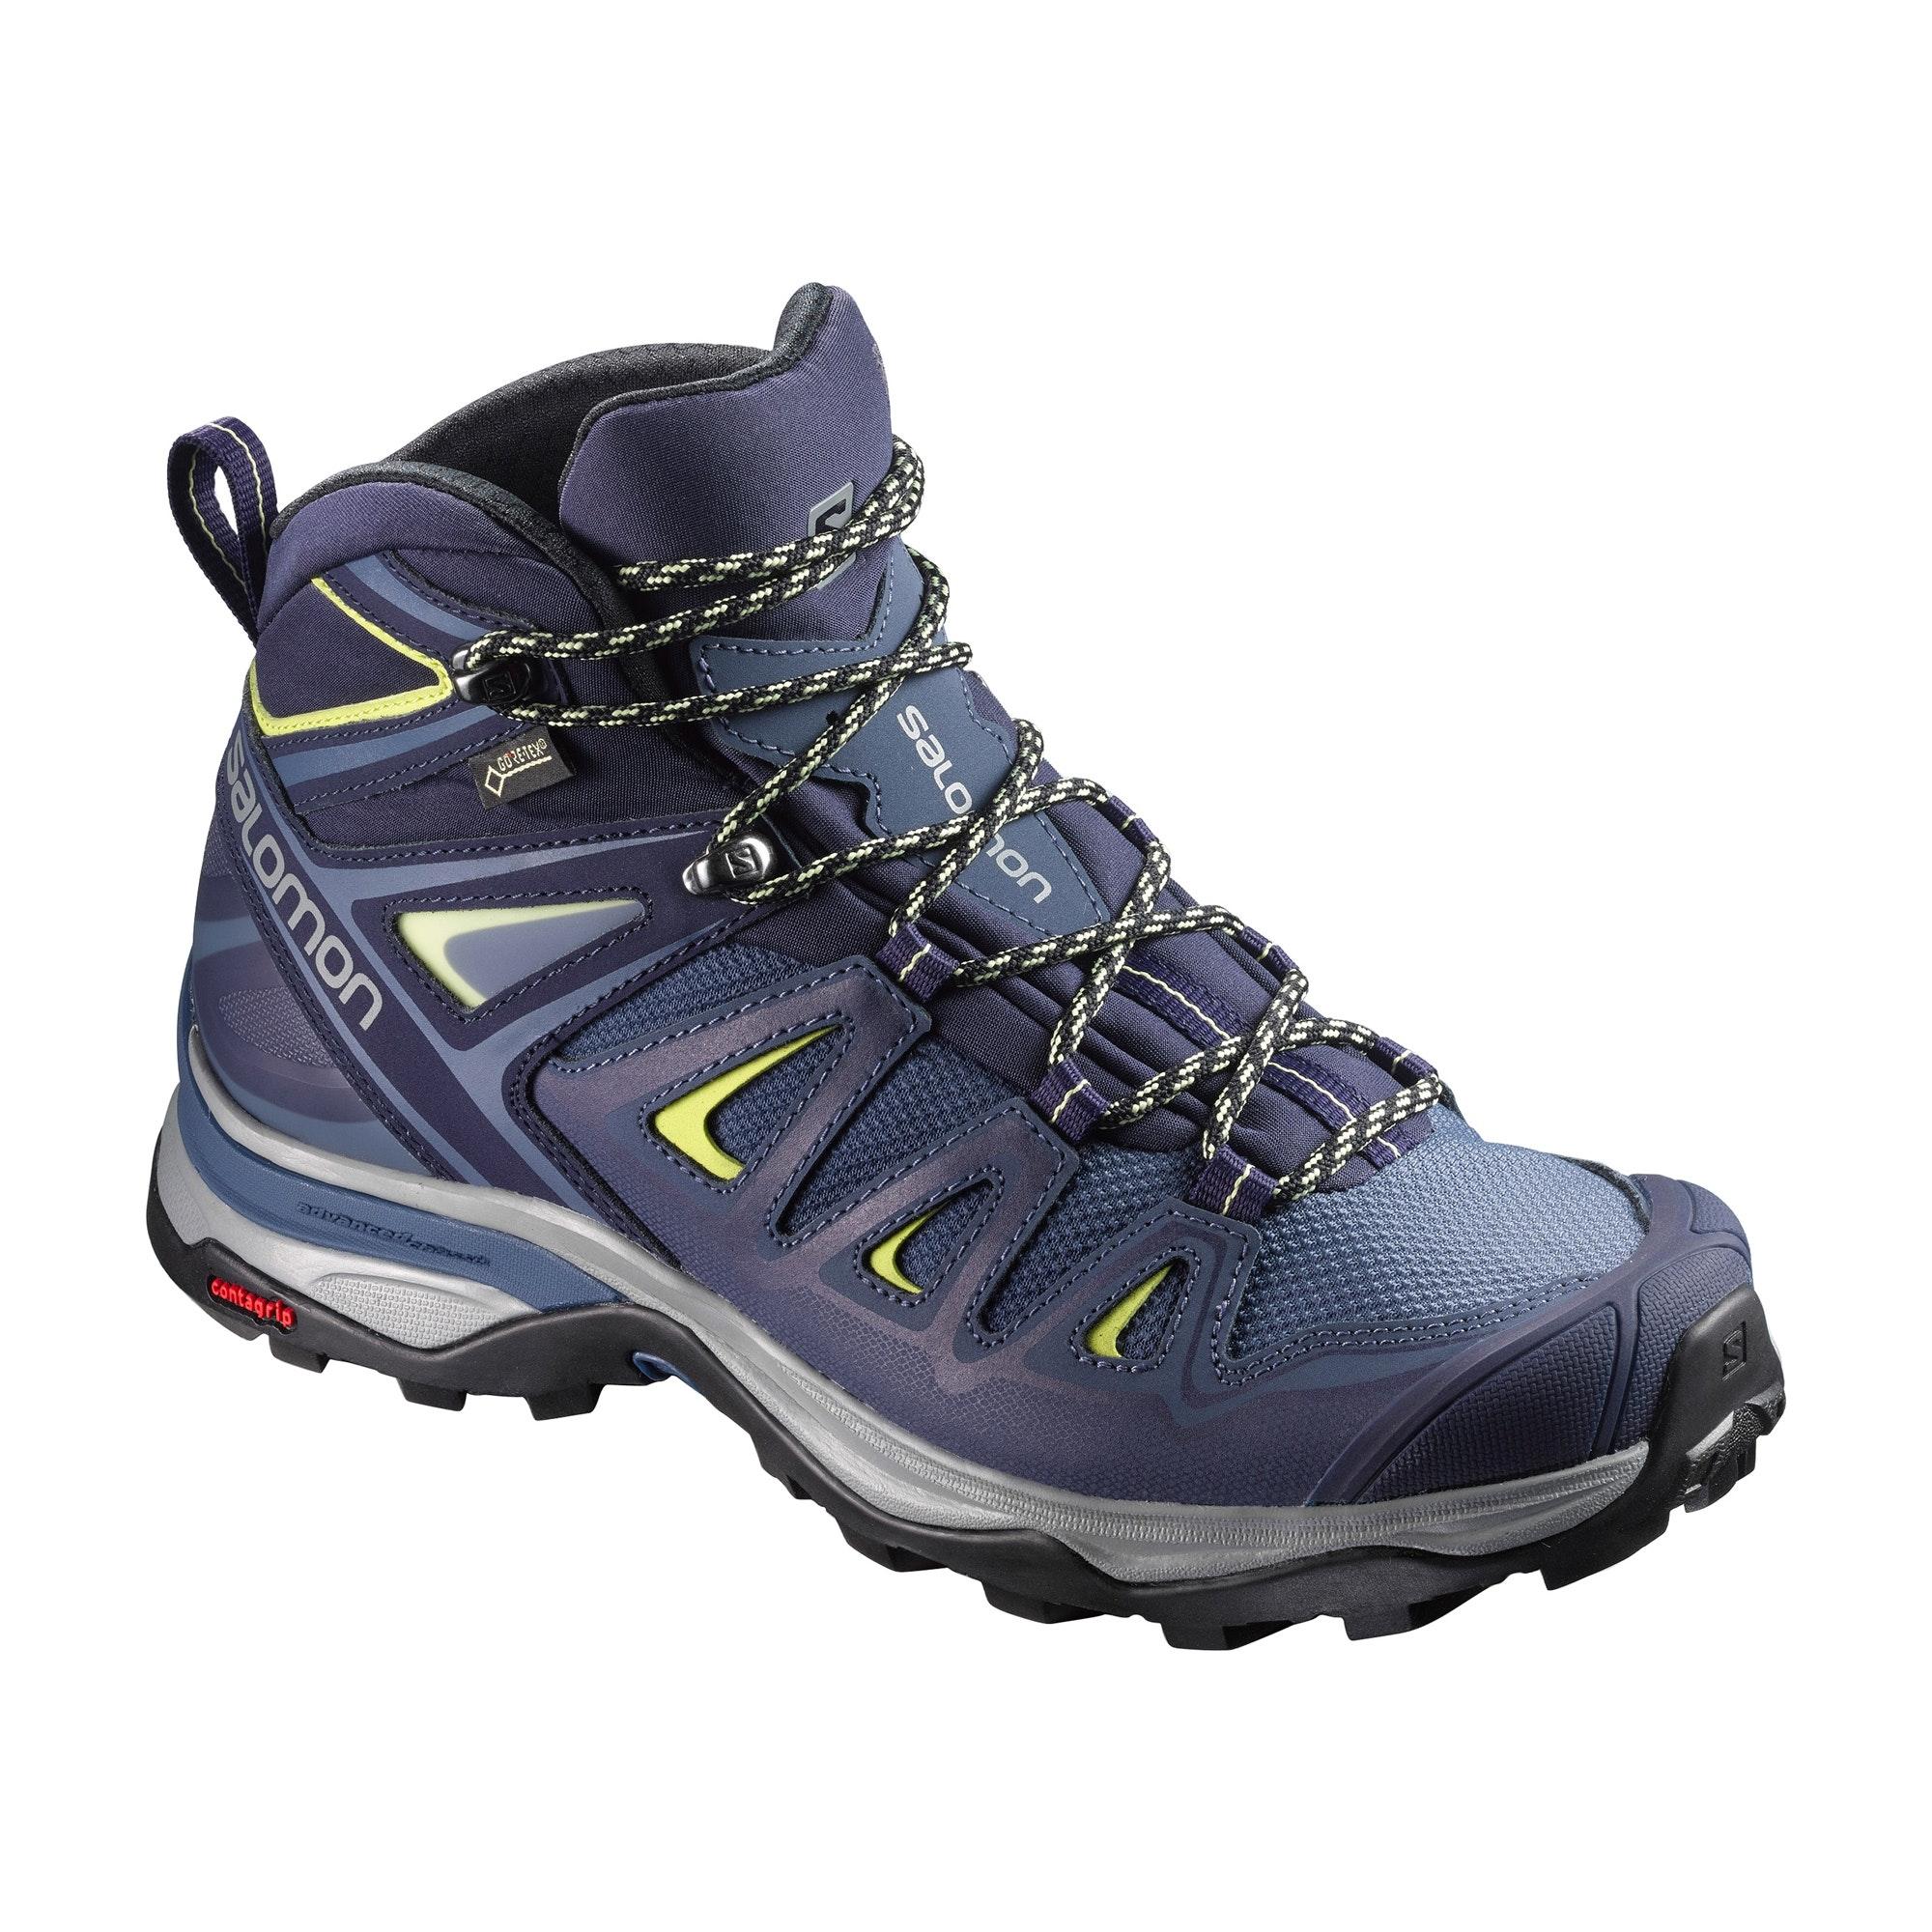 salomon x ultra women's gtx hiking shoes 65